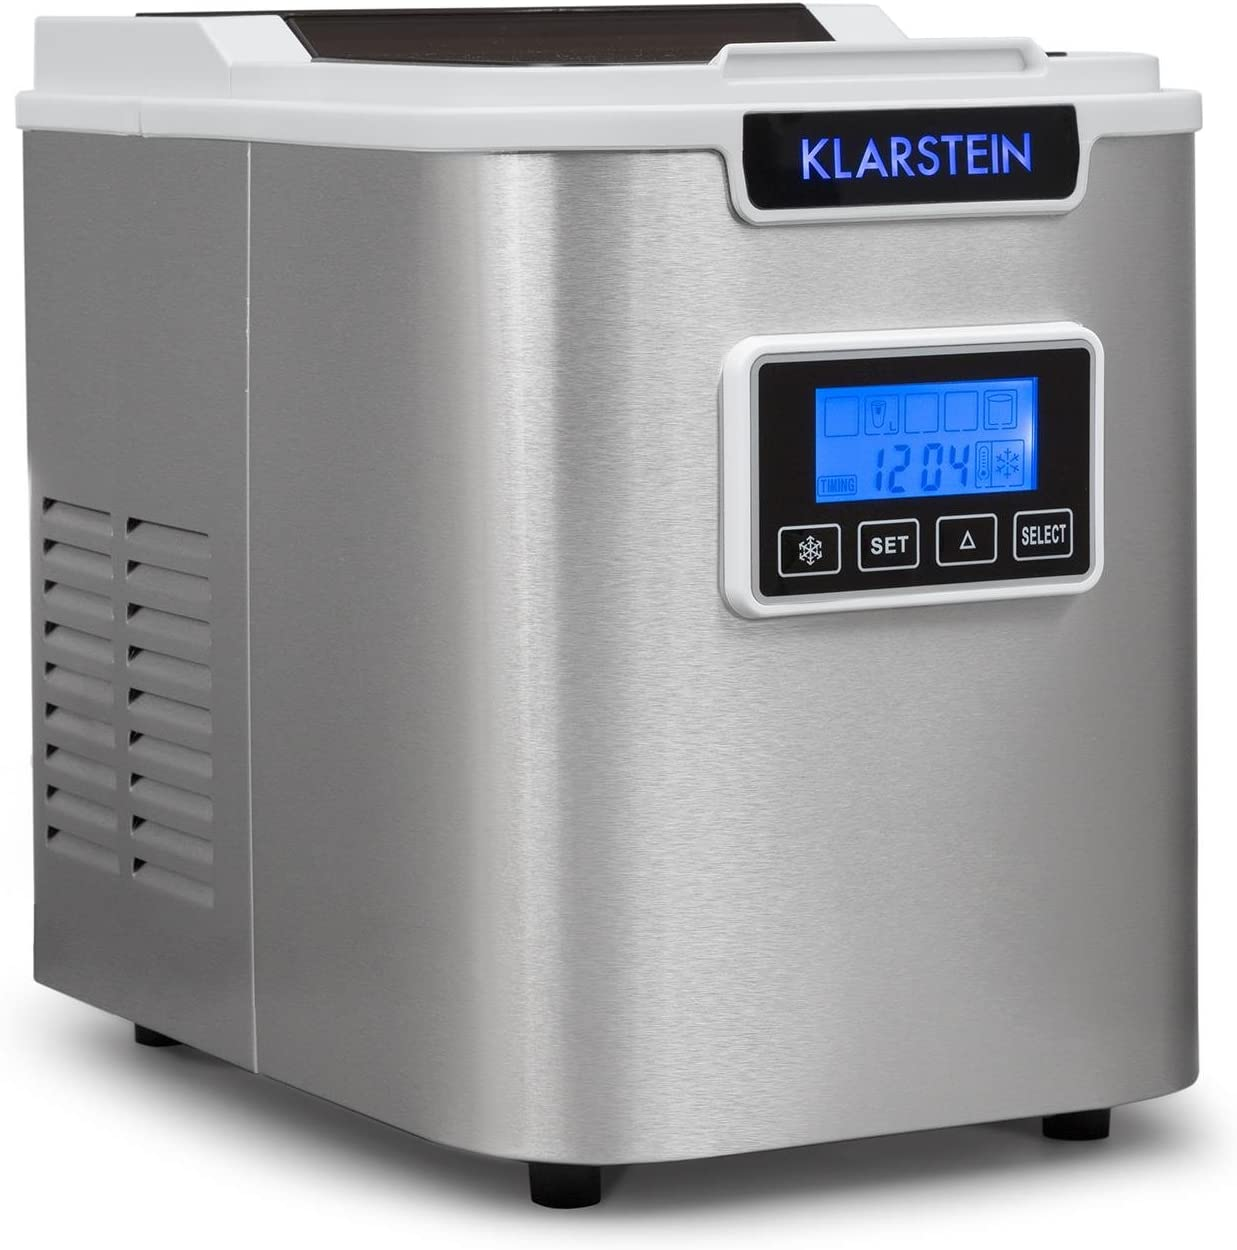 Klarstein Icemeister - Máquina de hacer hielo, Fabricadora de cubitos, 12 kg / 24 h, 150 W, 3 tamaños, Preparación en 10-15 min, Tanque de 1,1 L, Temporizador, Iluminación LED, Blanco